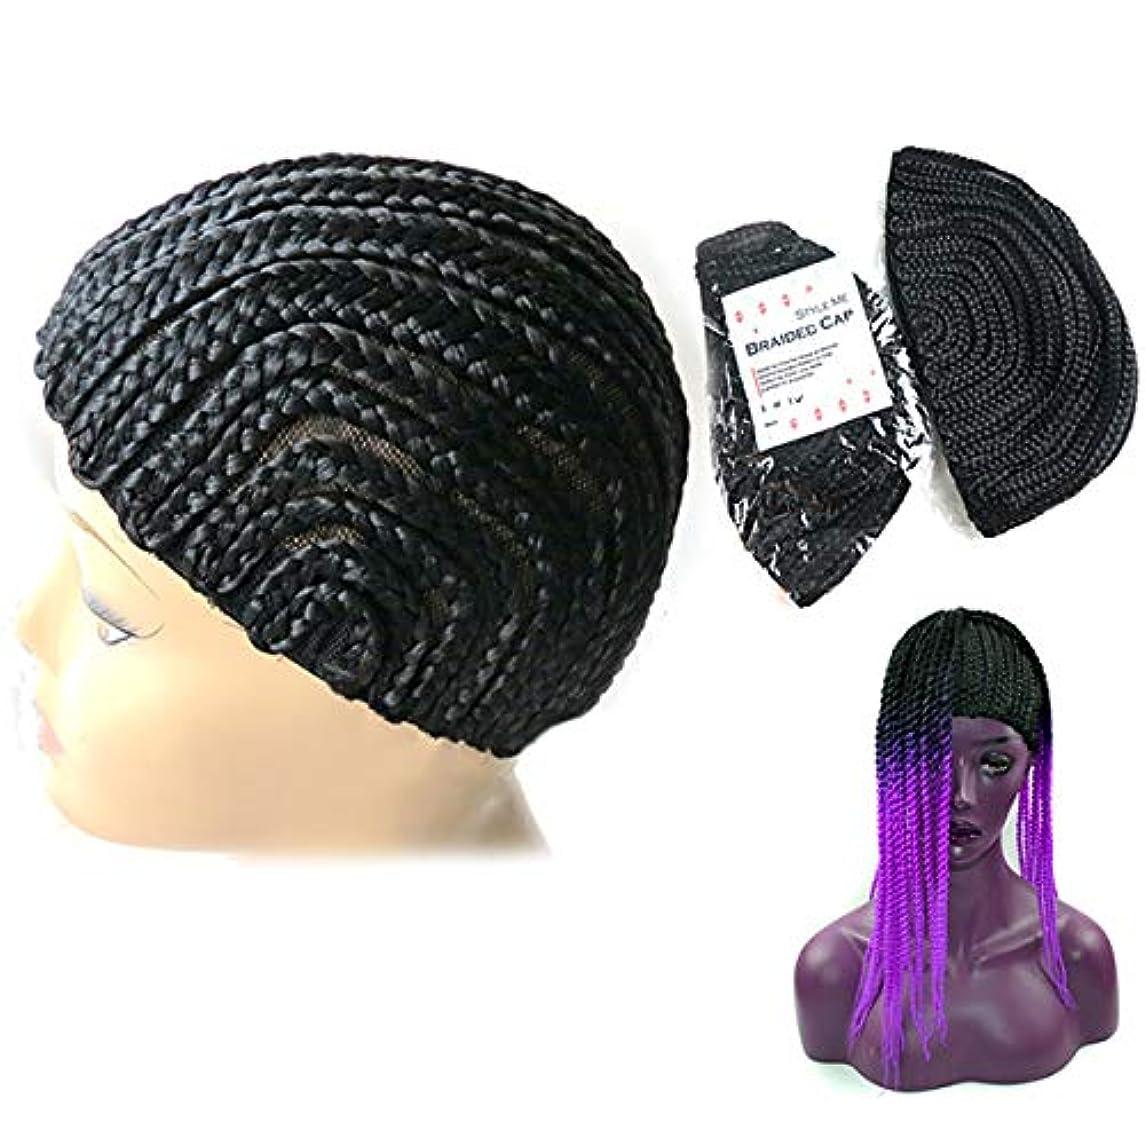 呼ぶネコ品種YZUEYT 弾性コーンローウィッグキャップ調節可能なかぎ針編み織りキャップレースヘアネットヘアスタイリングツール YZUEYT (Size : One size)